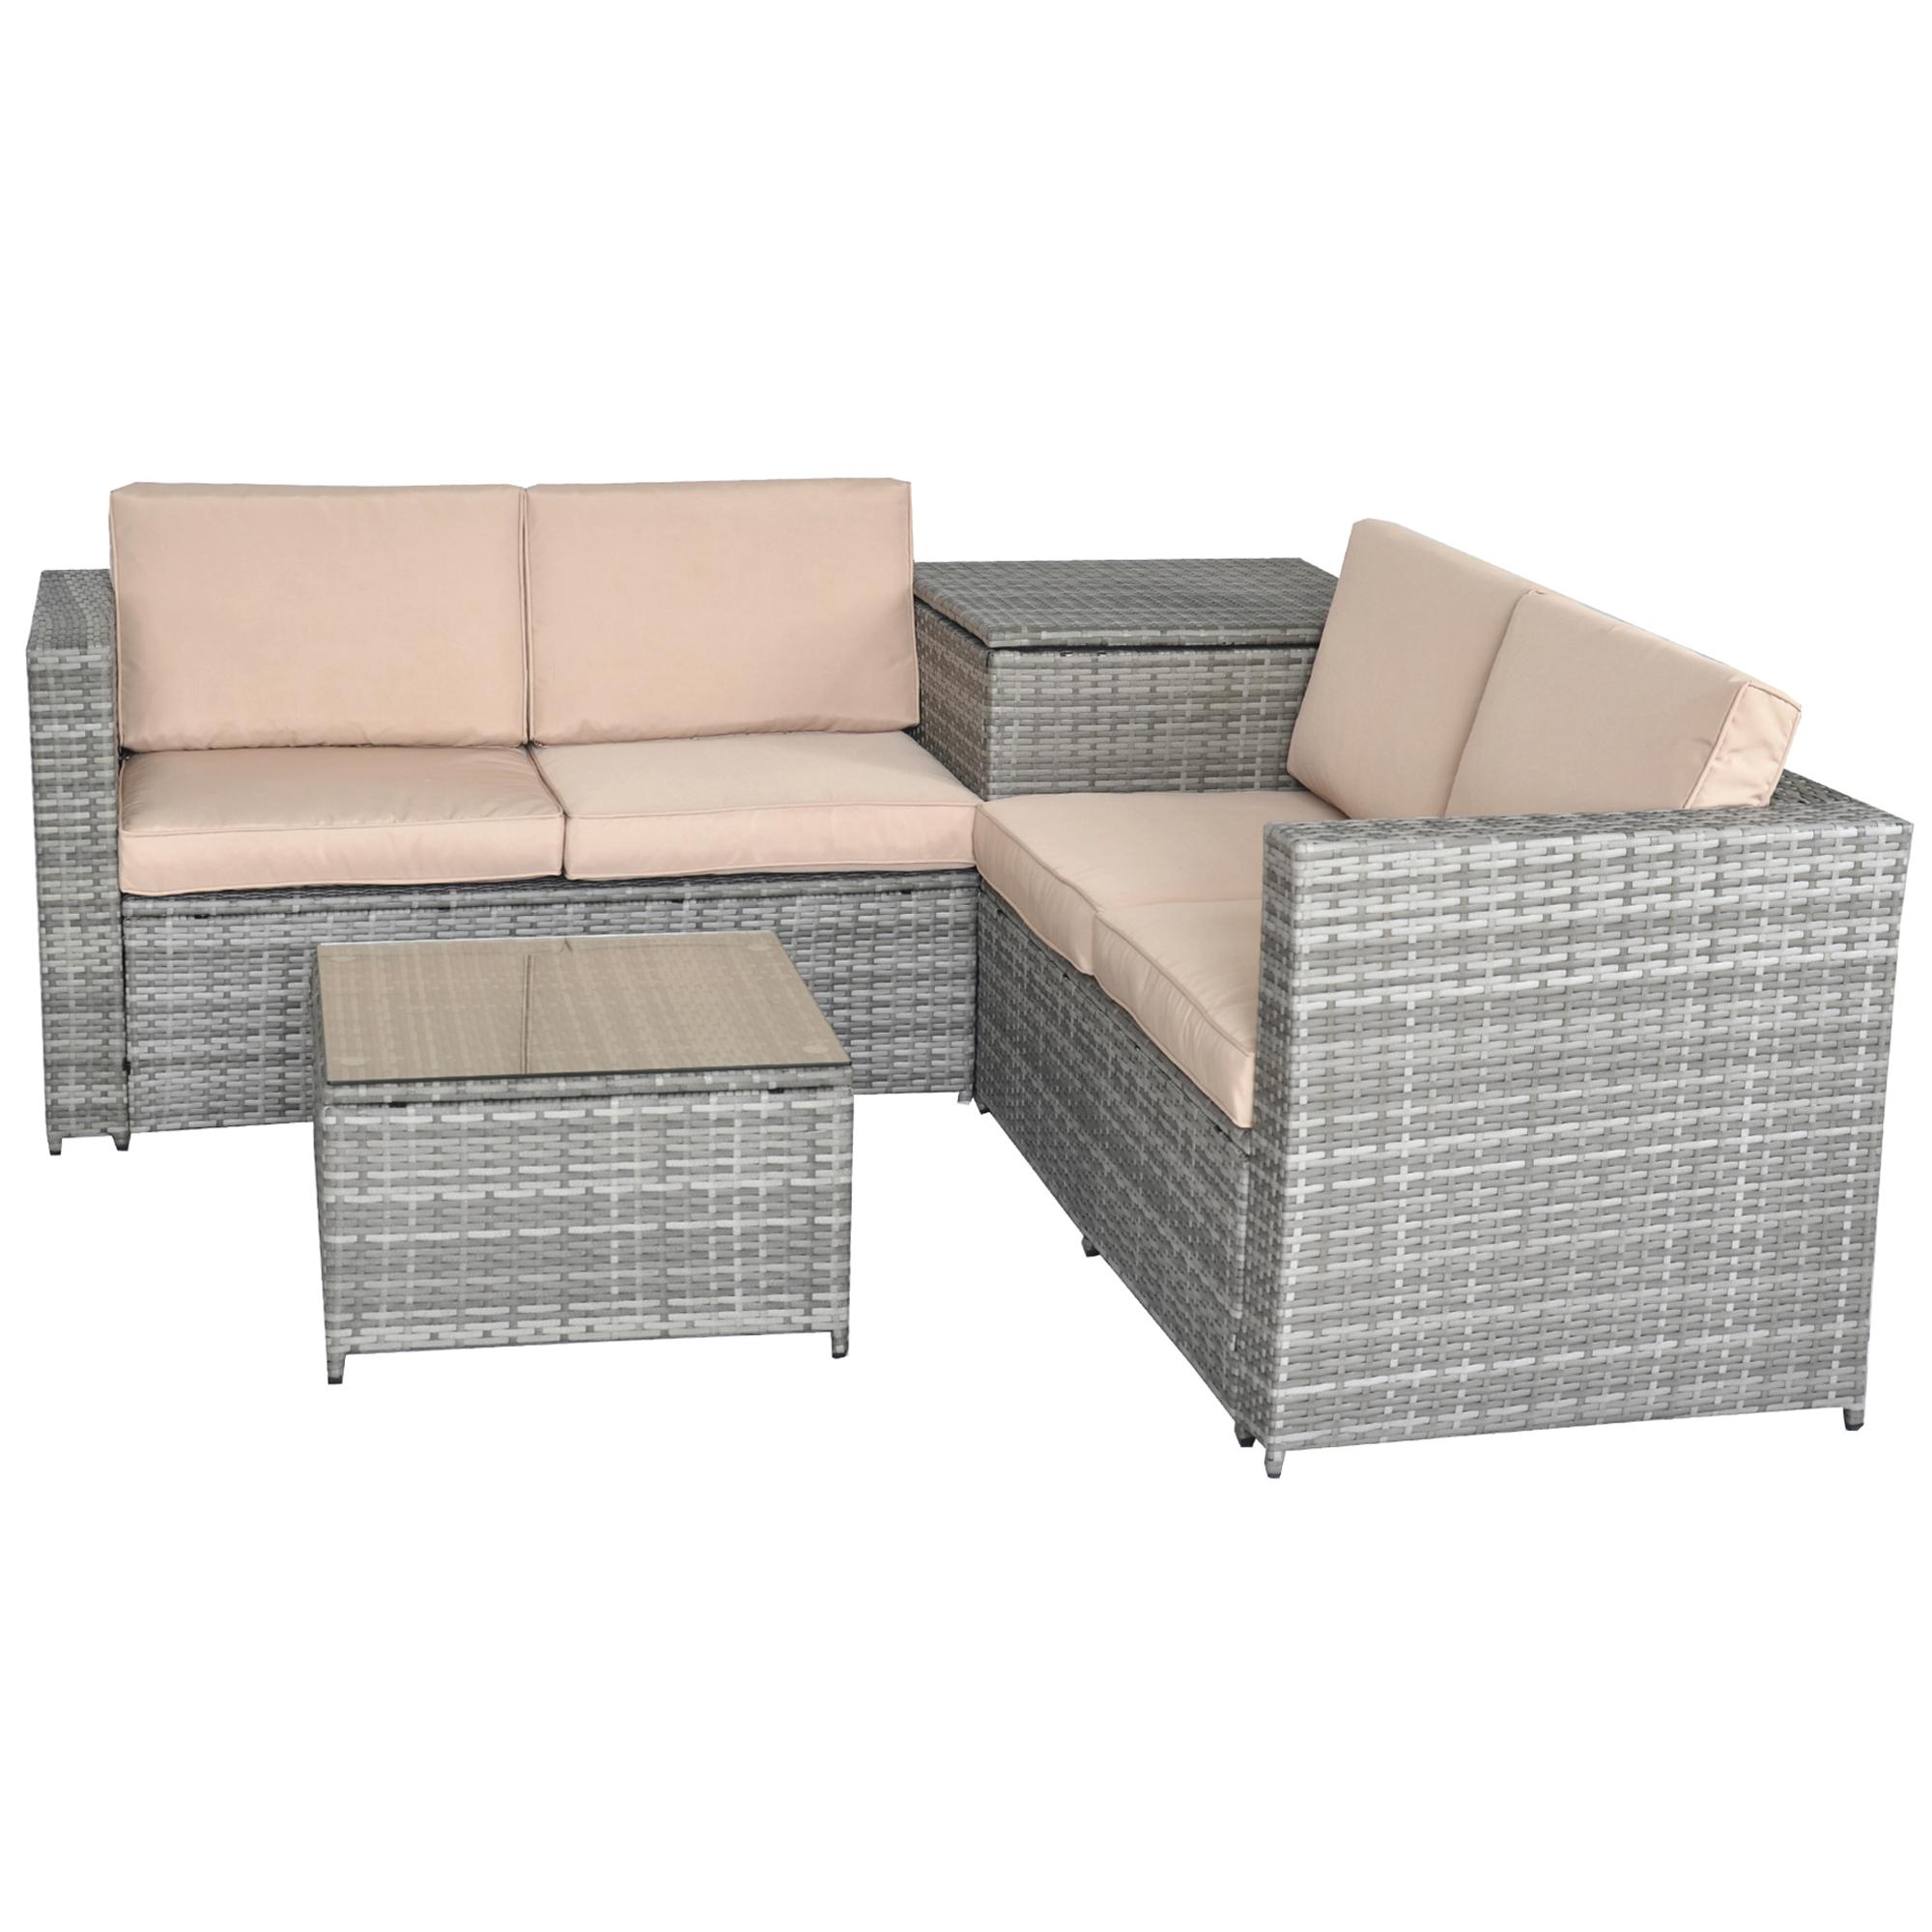 Jalano poly rattan lounge set gartenm bel gartengarnitur 4 for Polyrattan lounge set grau